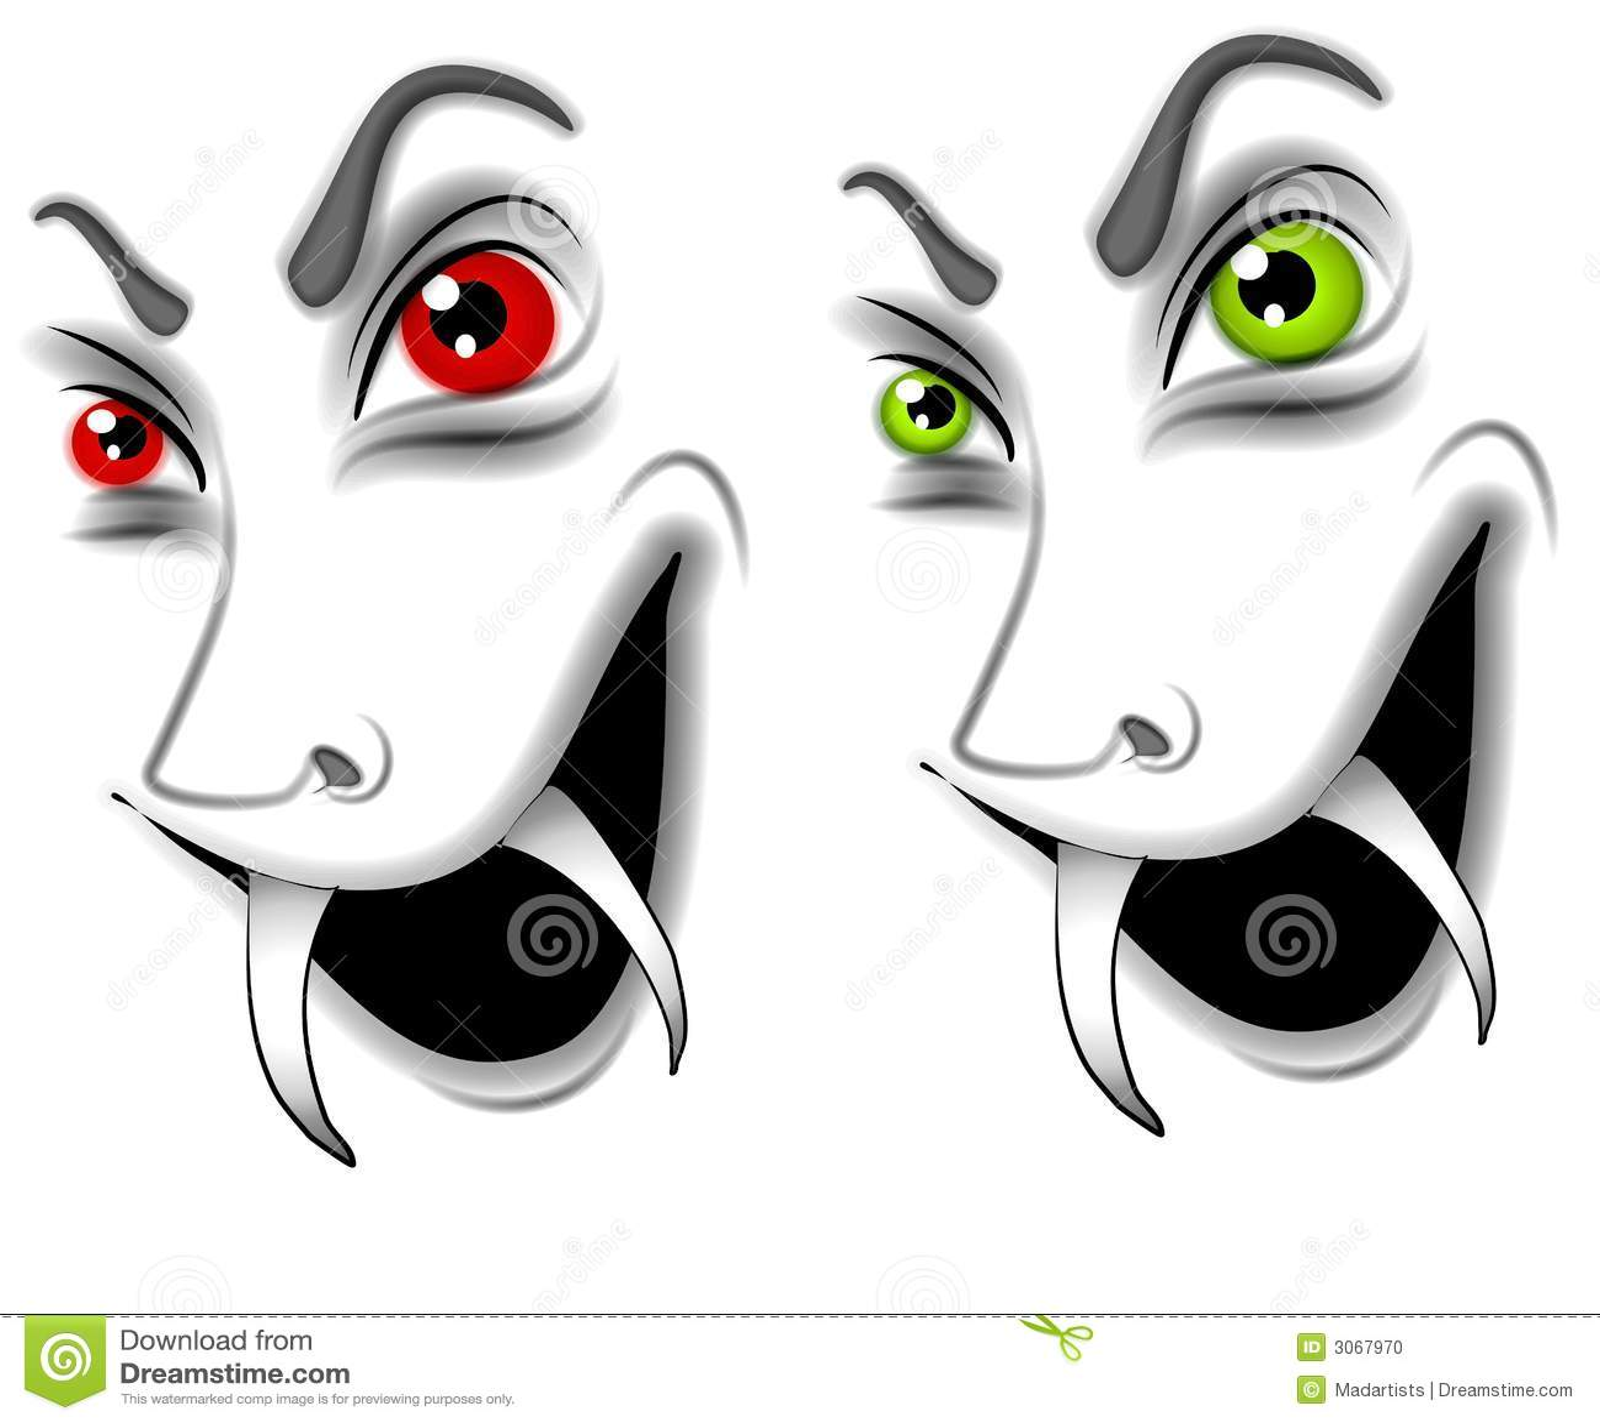 schlechte halloween vampir gesichter stock abbildung illustration von zeichen karikaturen. Black Bedroom Furniture Sets. Home Design Ideas